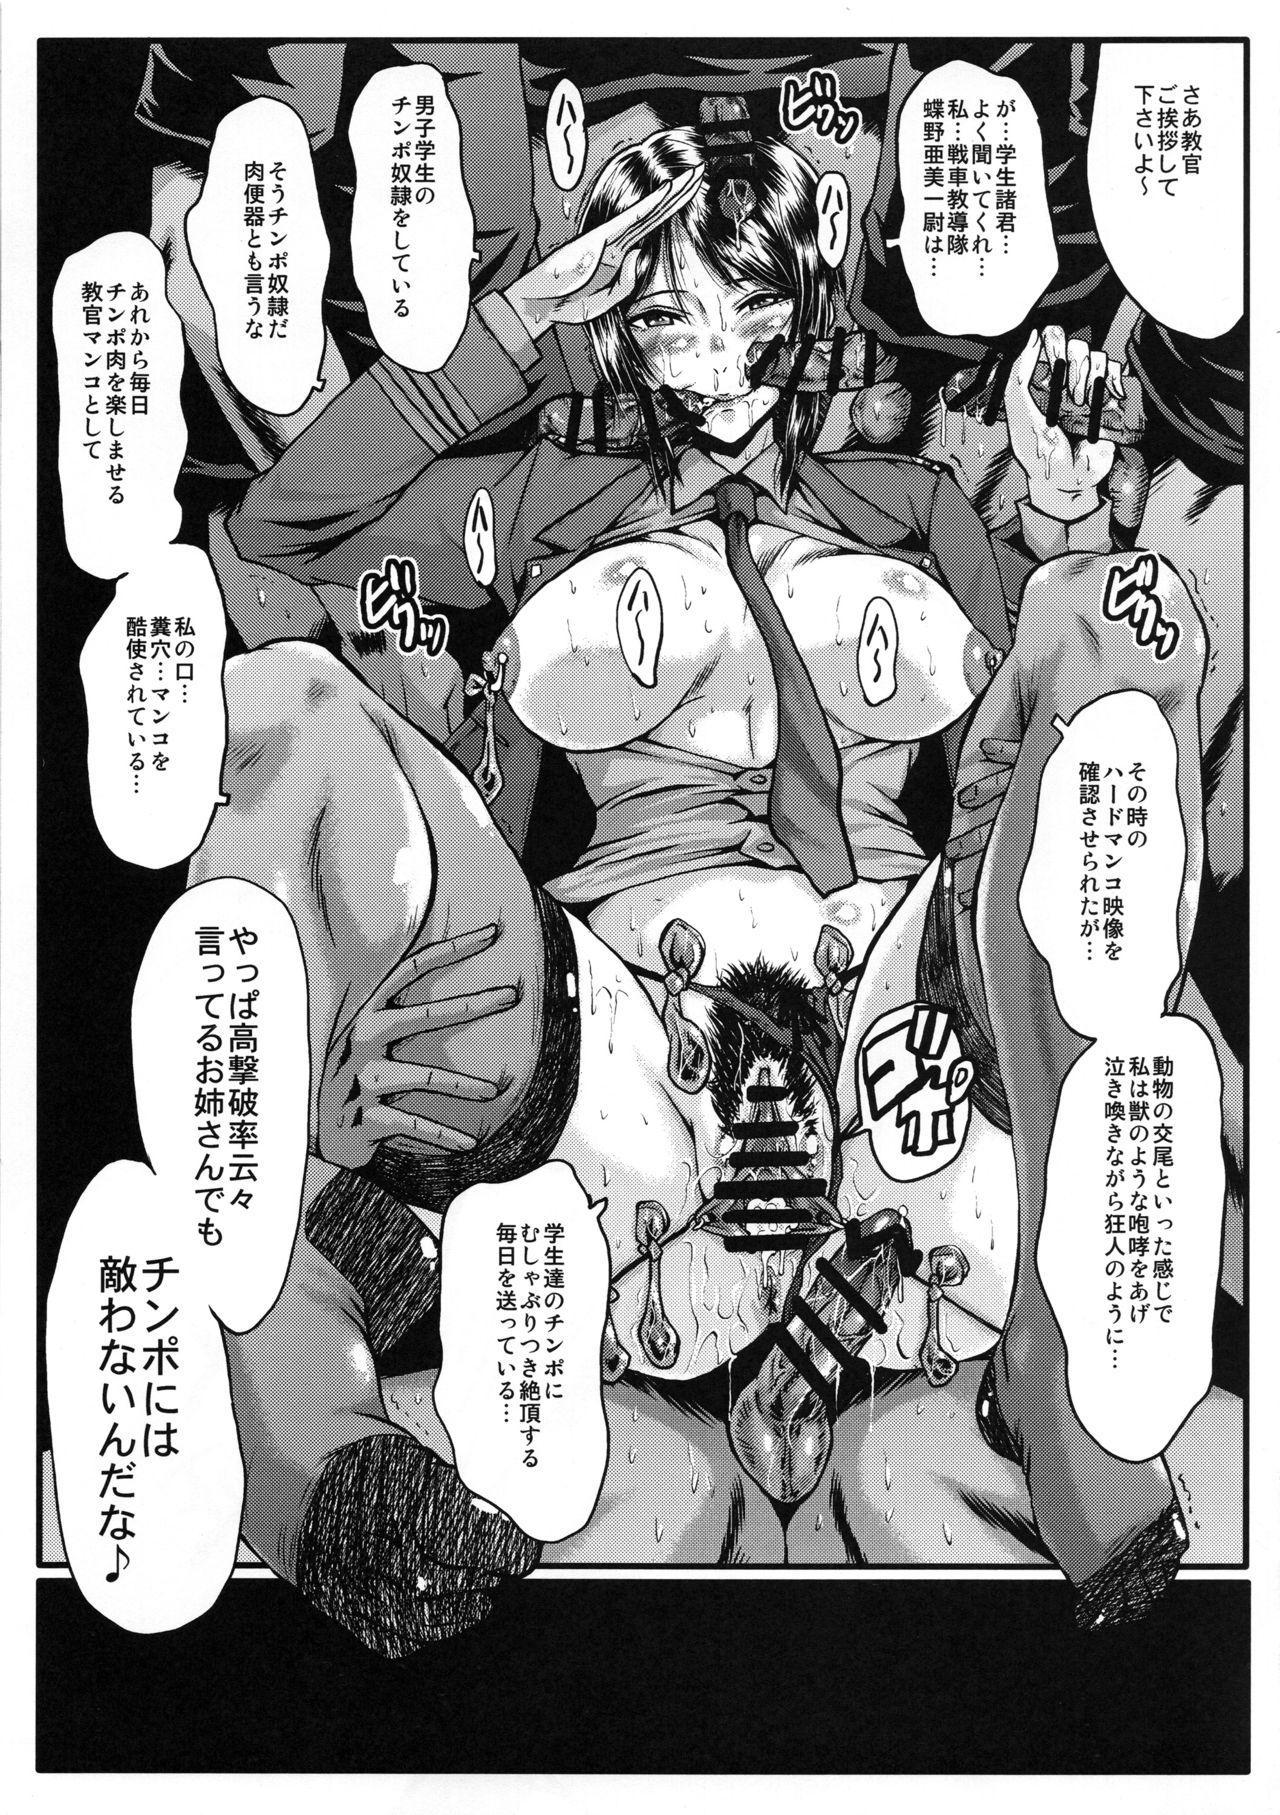 Urabambi Vol. 59 Ichii wa Seiteki ni Ijimeraretai 17